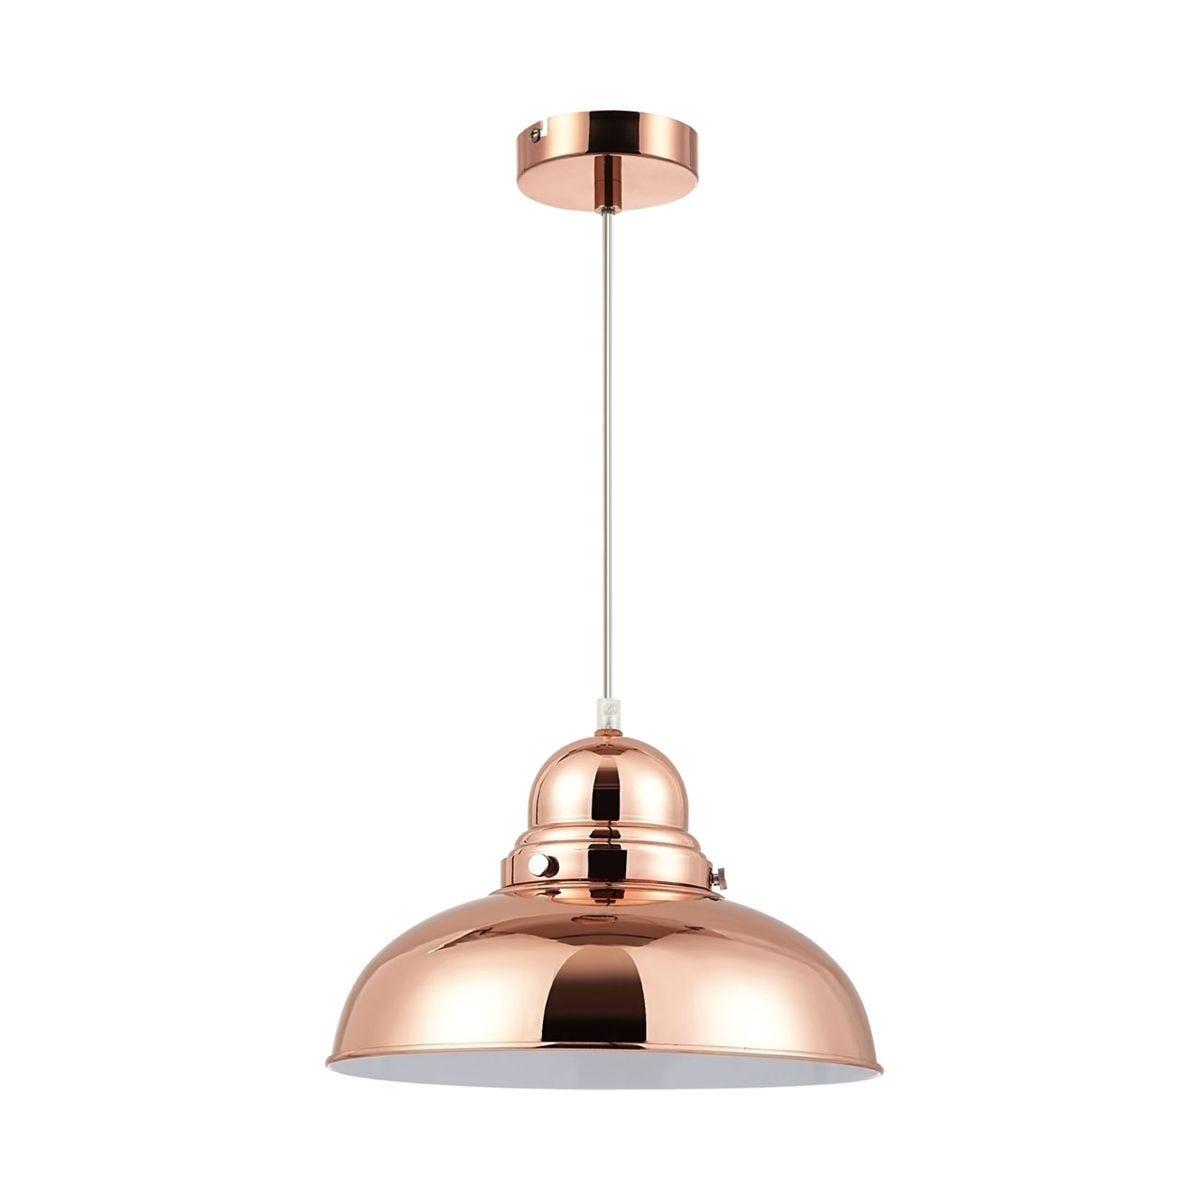 Premier Housewares Jasper Pendant Light - Copper Finish